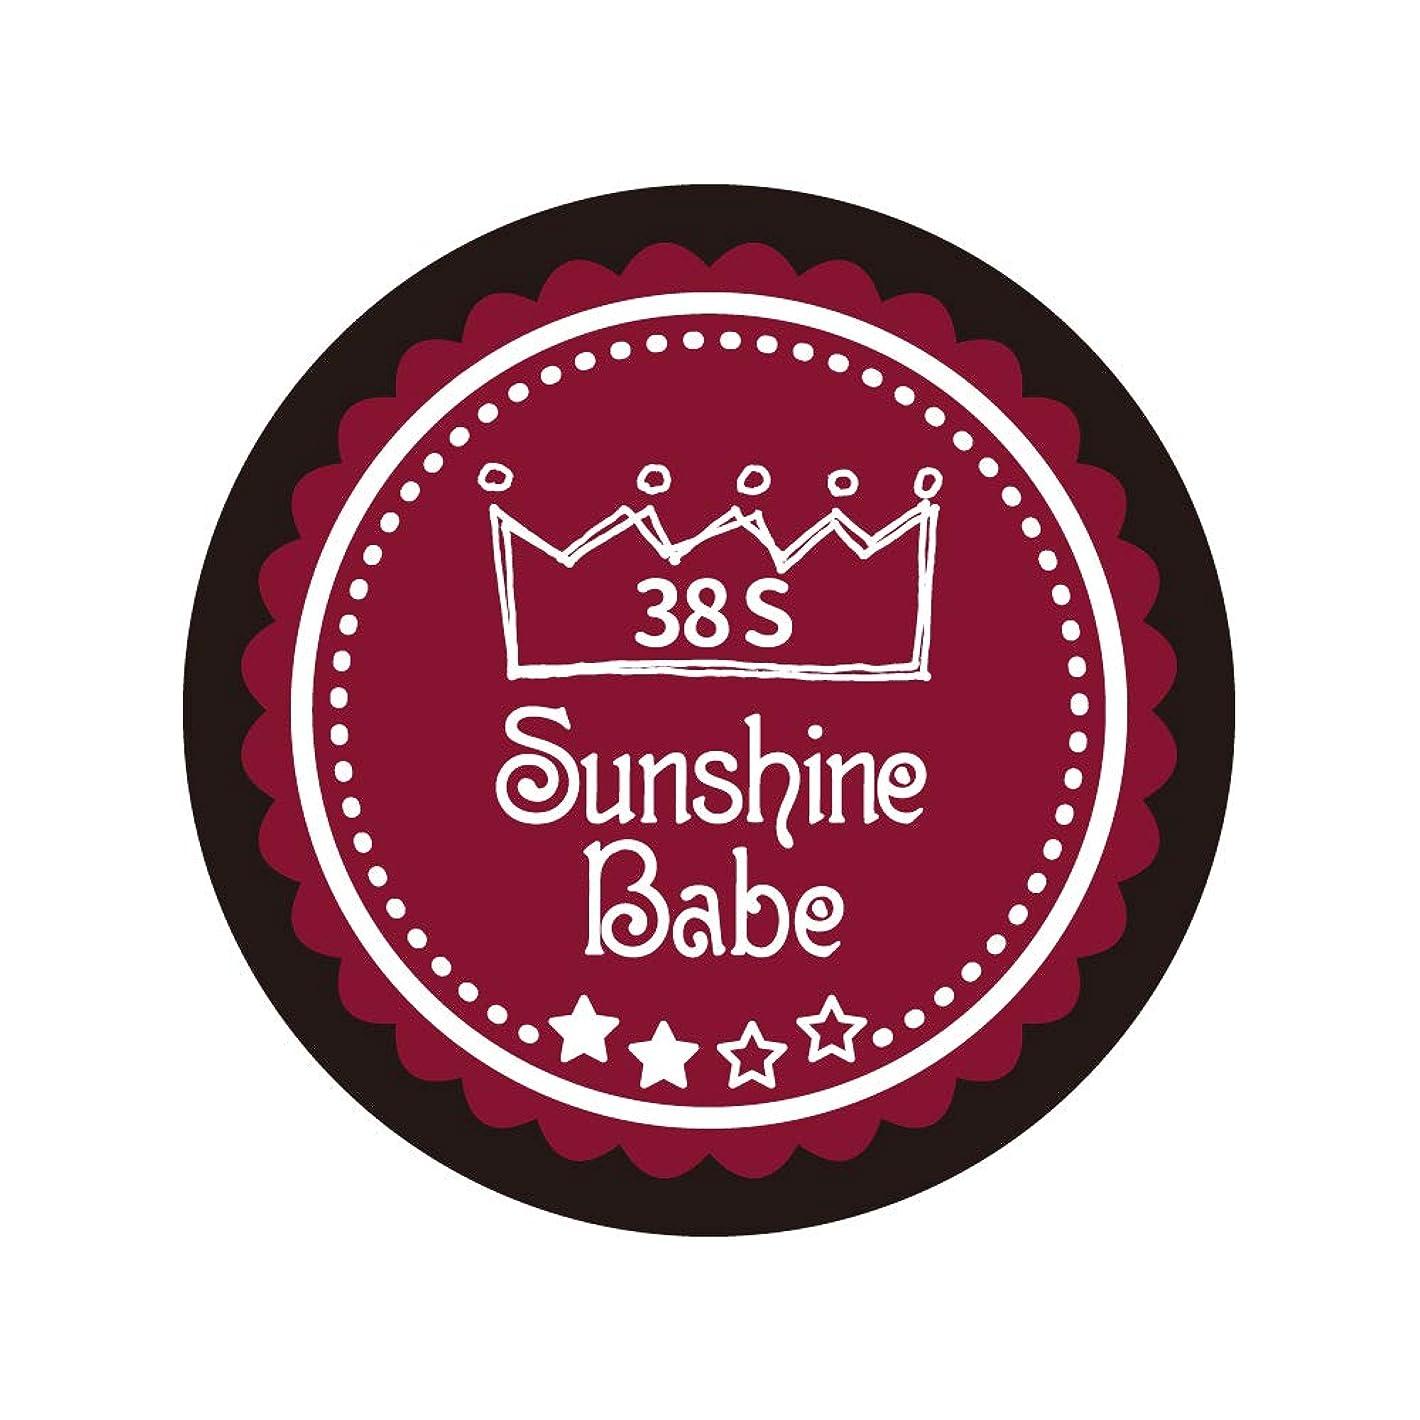 有限鎮痛剤円周Sunshine Babe カラージェル 38S レッドペア 2.7g UV/LED対応